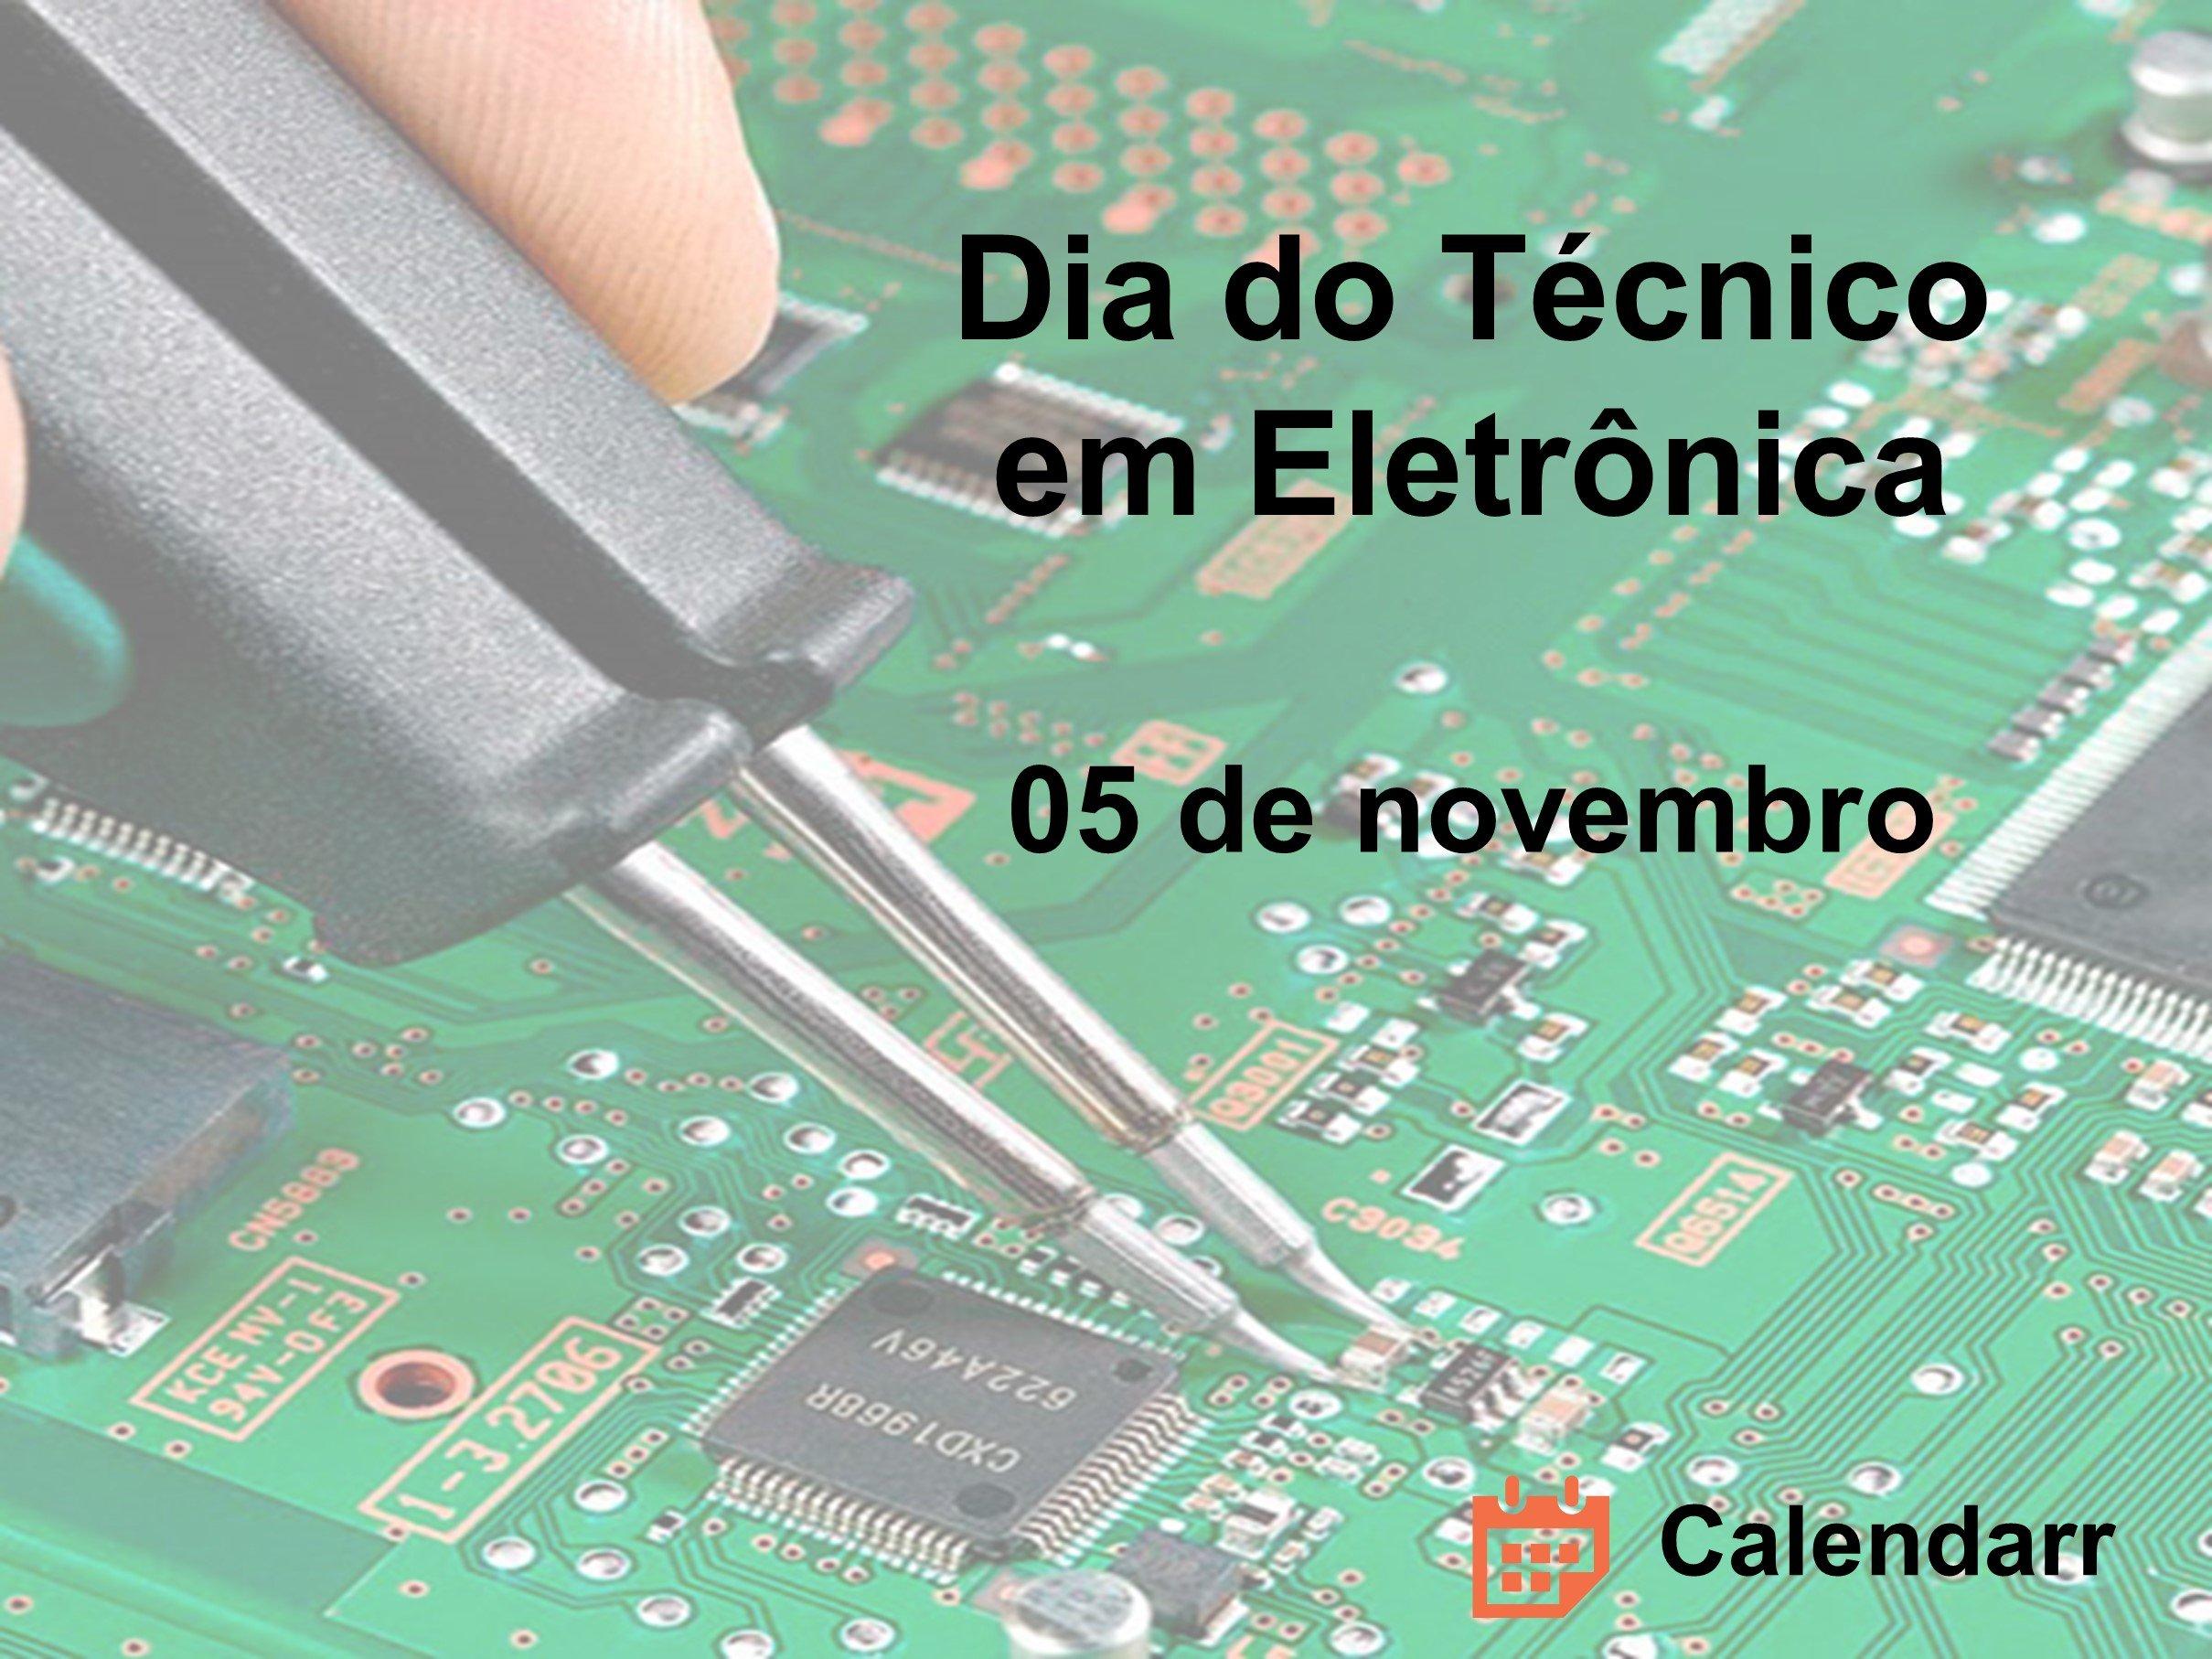 Dia do Técnico em Eletrônica